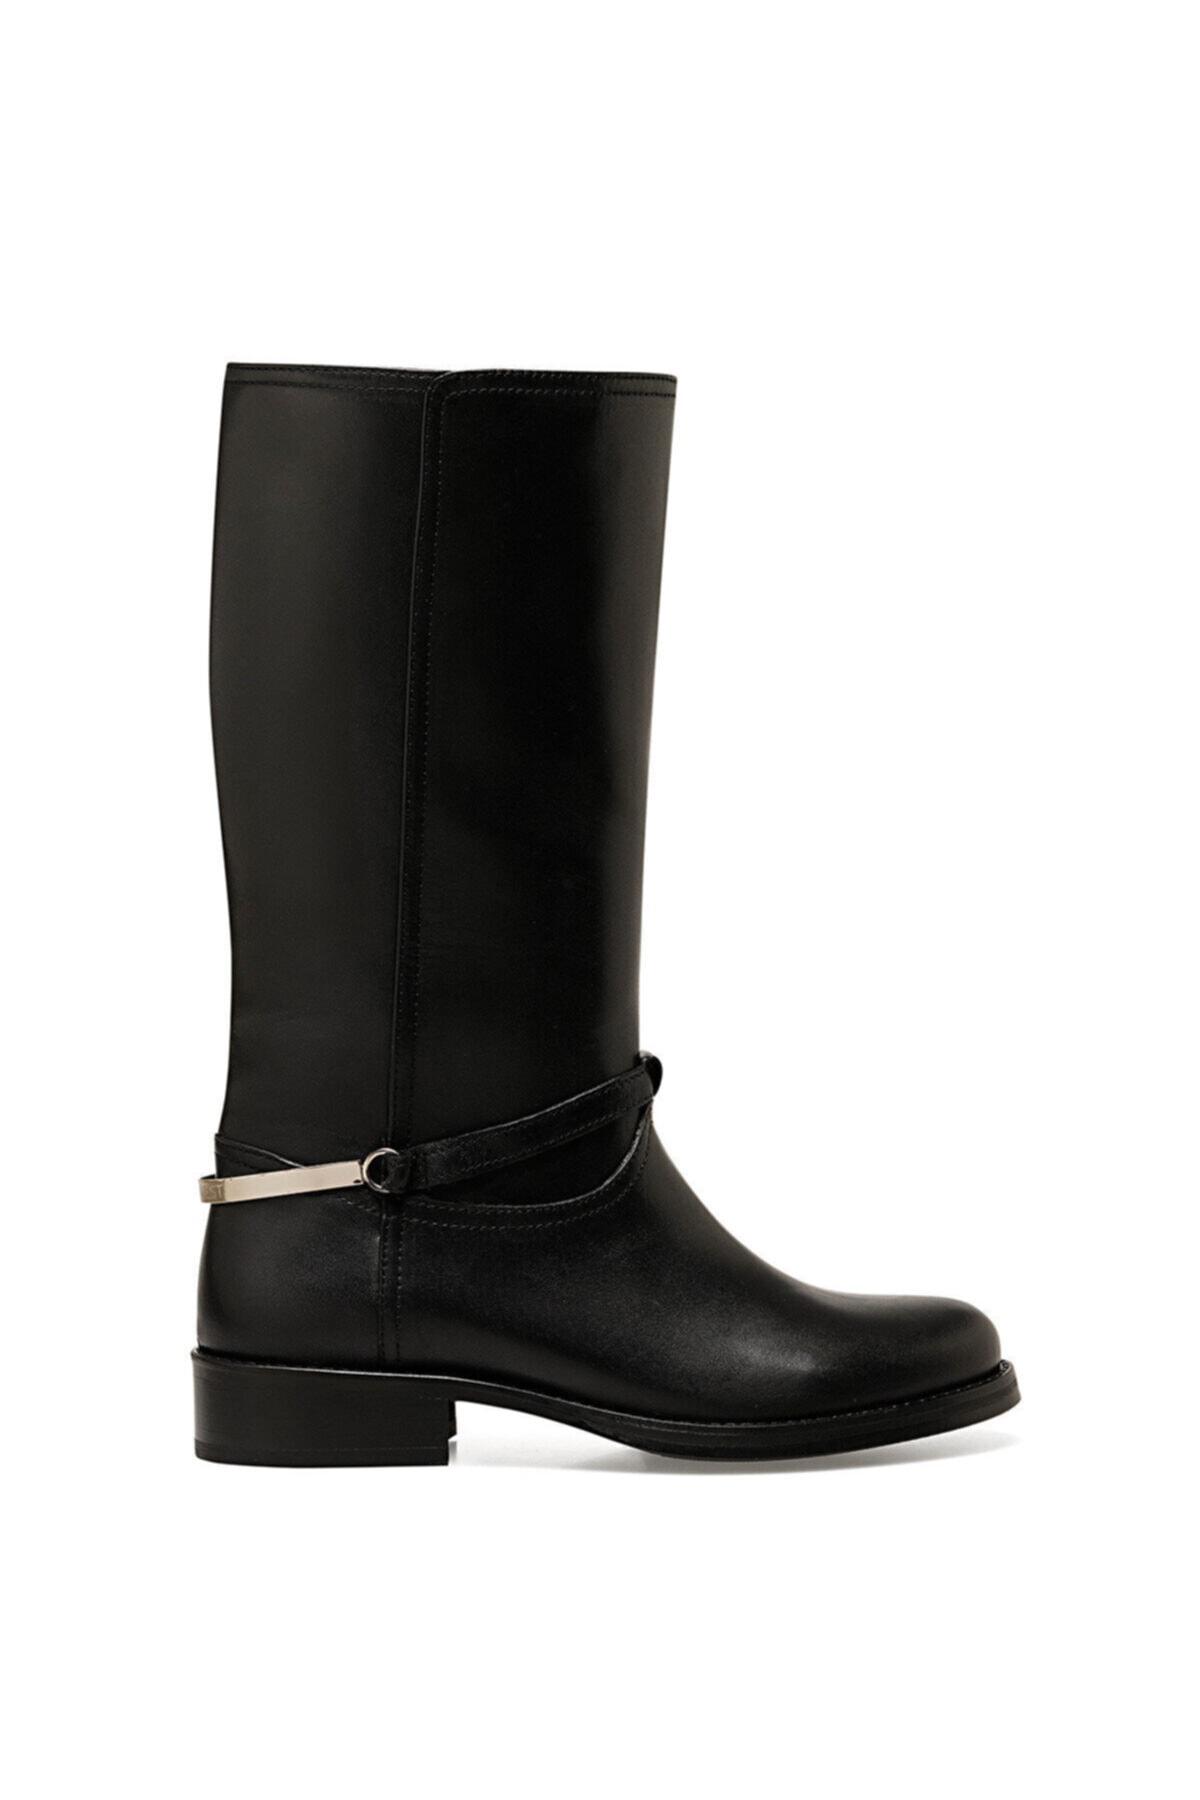 Nine West Aurelıo Kadın Siyah Çizme 1